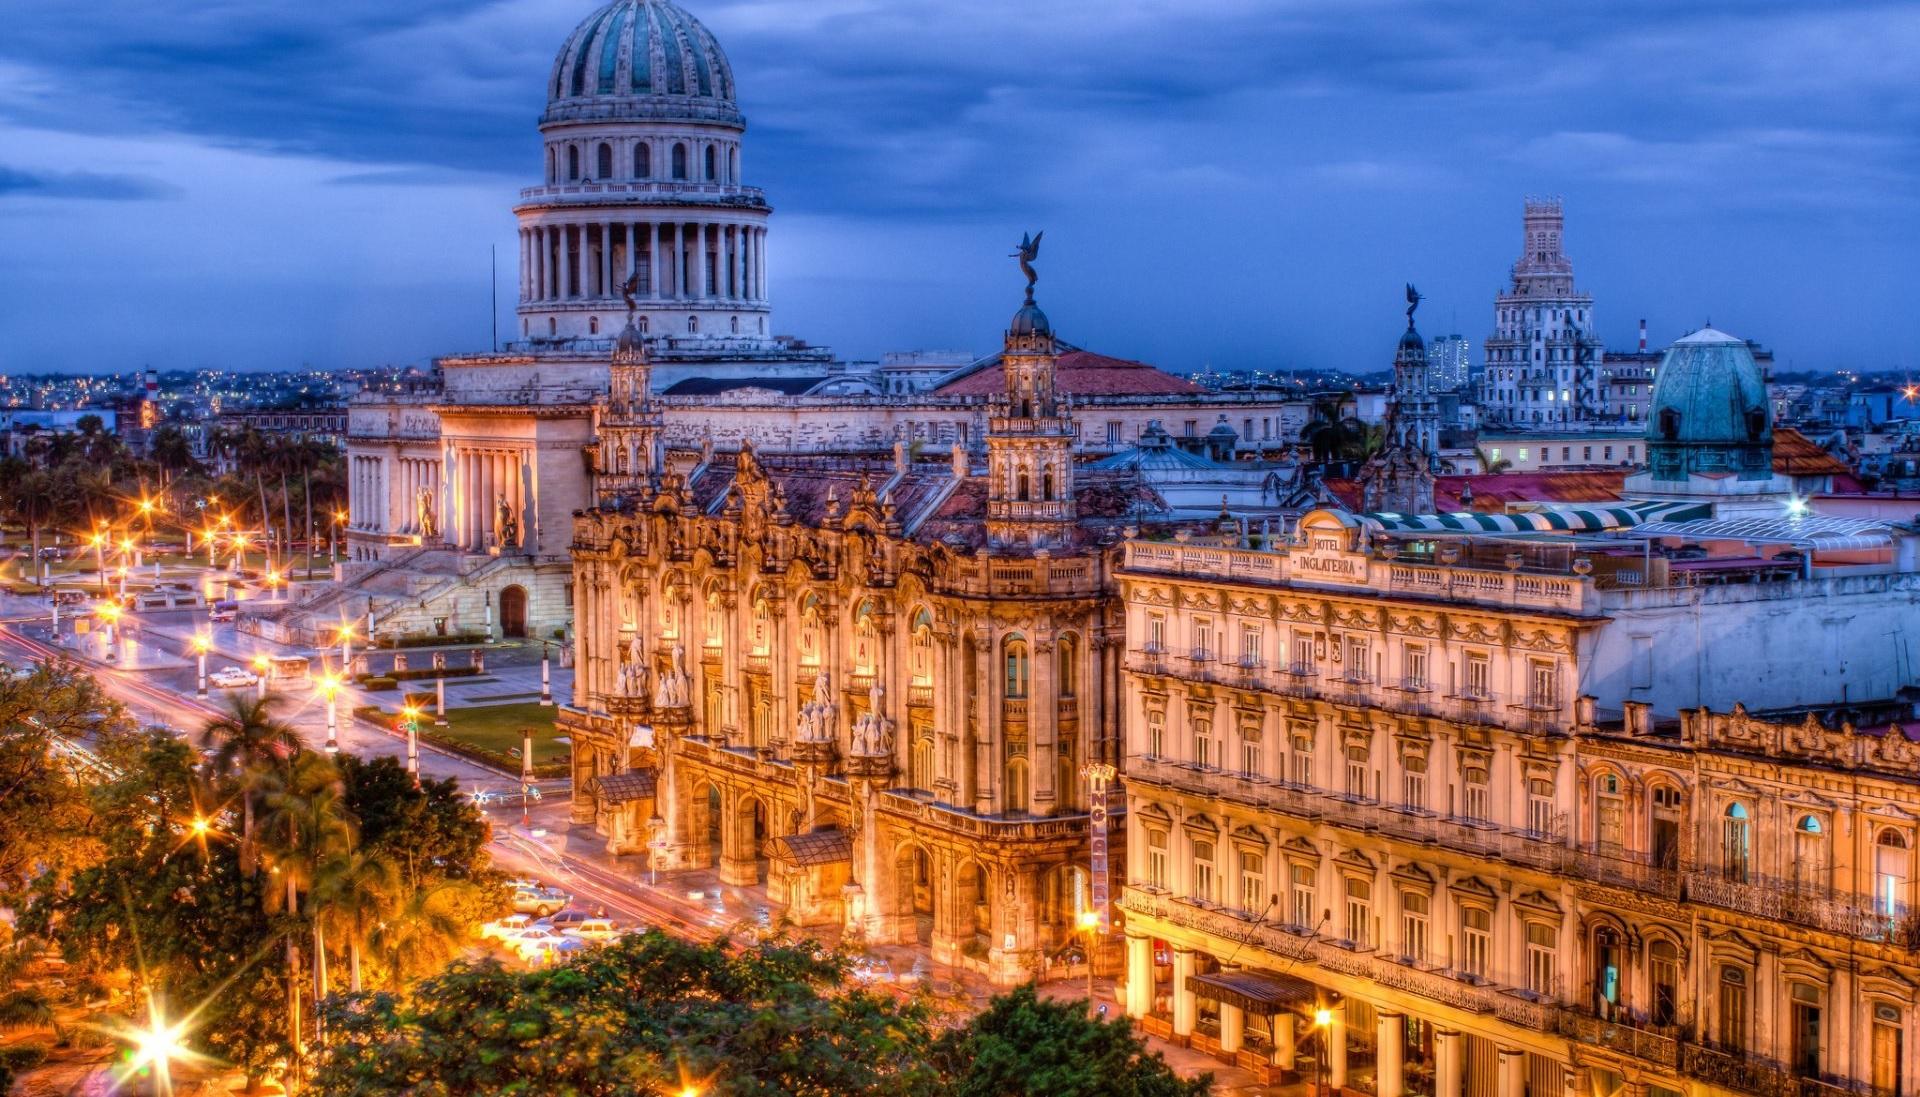 Вечерняя Гавана и церемониал пушечного выстрела